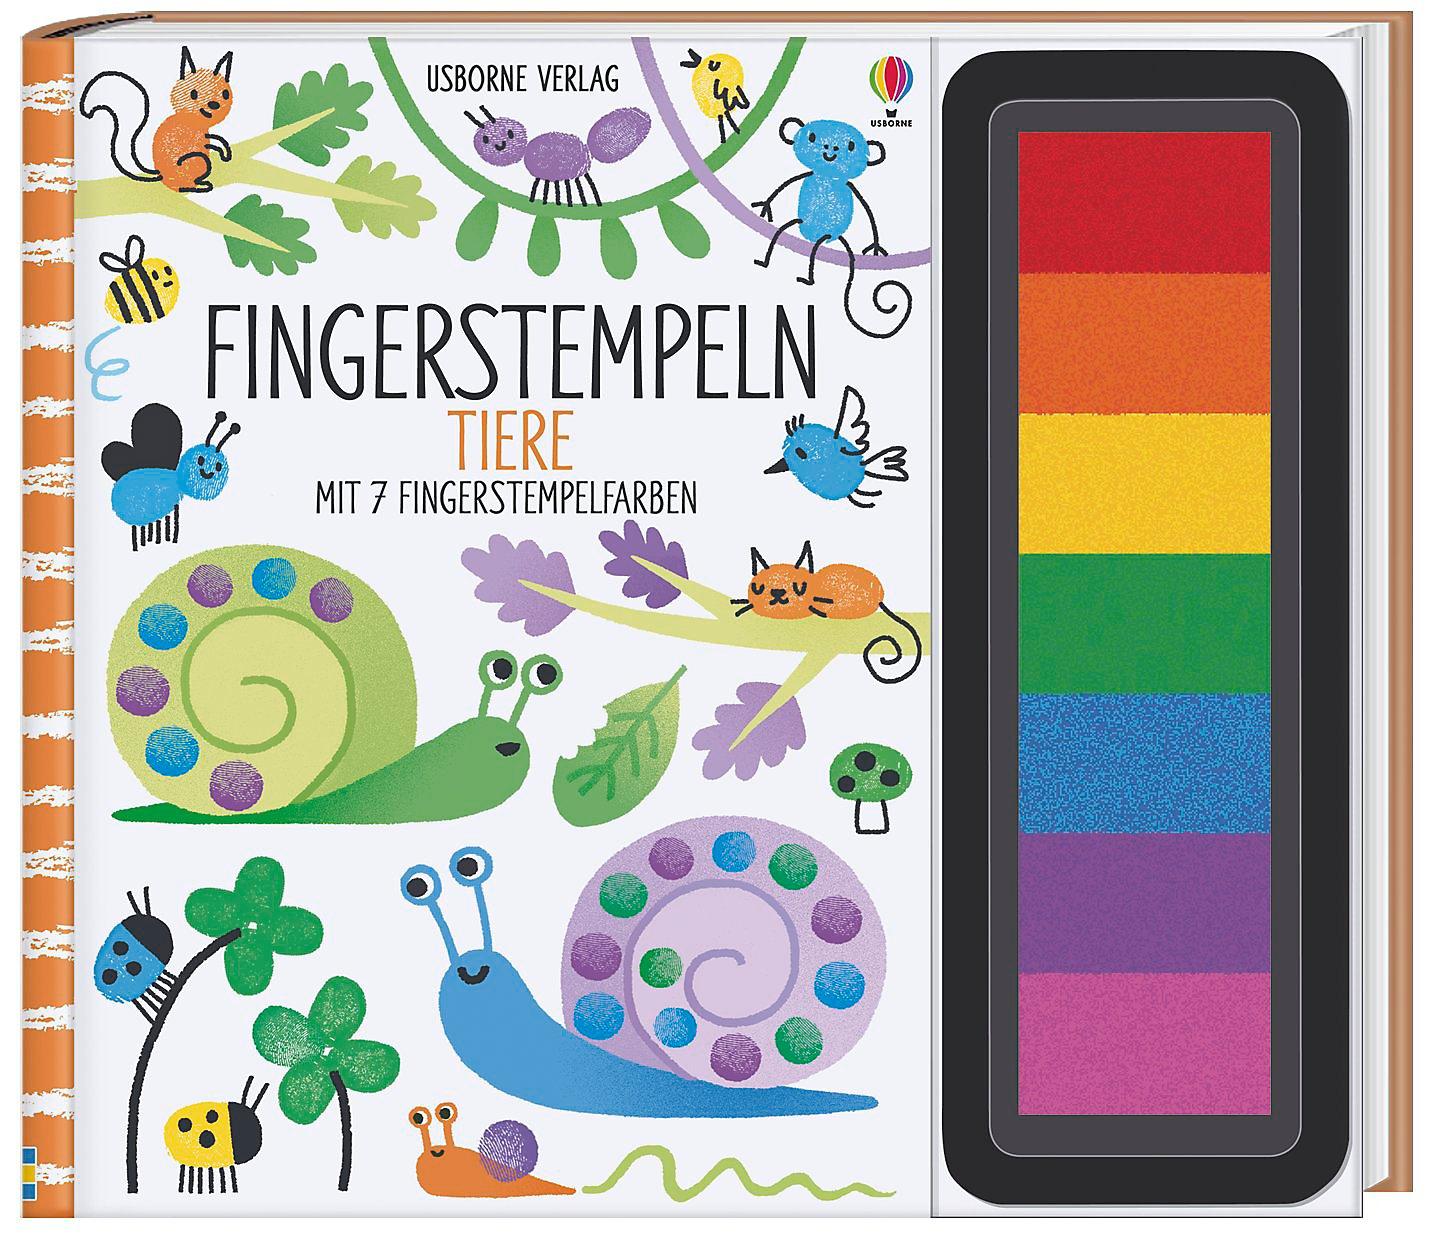 Fingerstempeln Tiere Buch Von Fiona Watt Portofrei Weltbild De